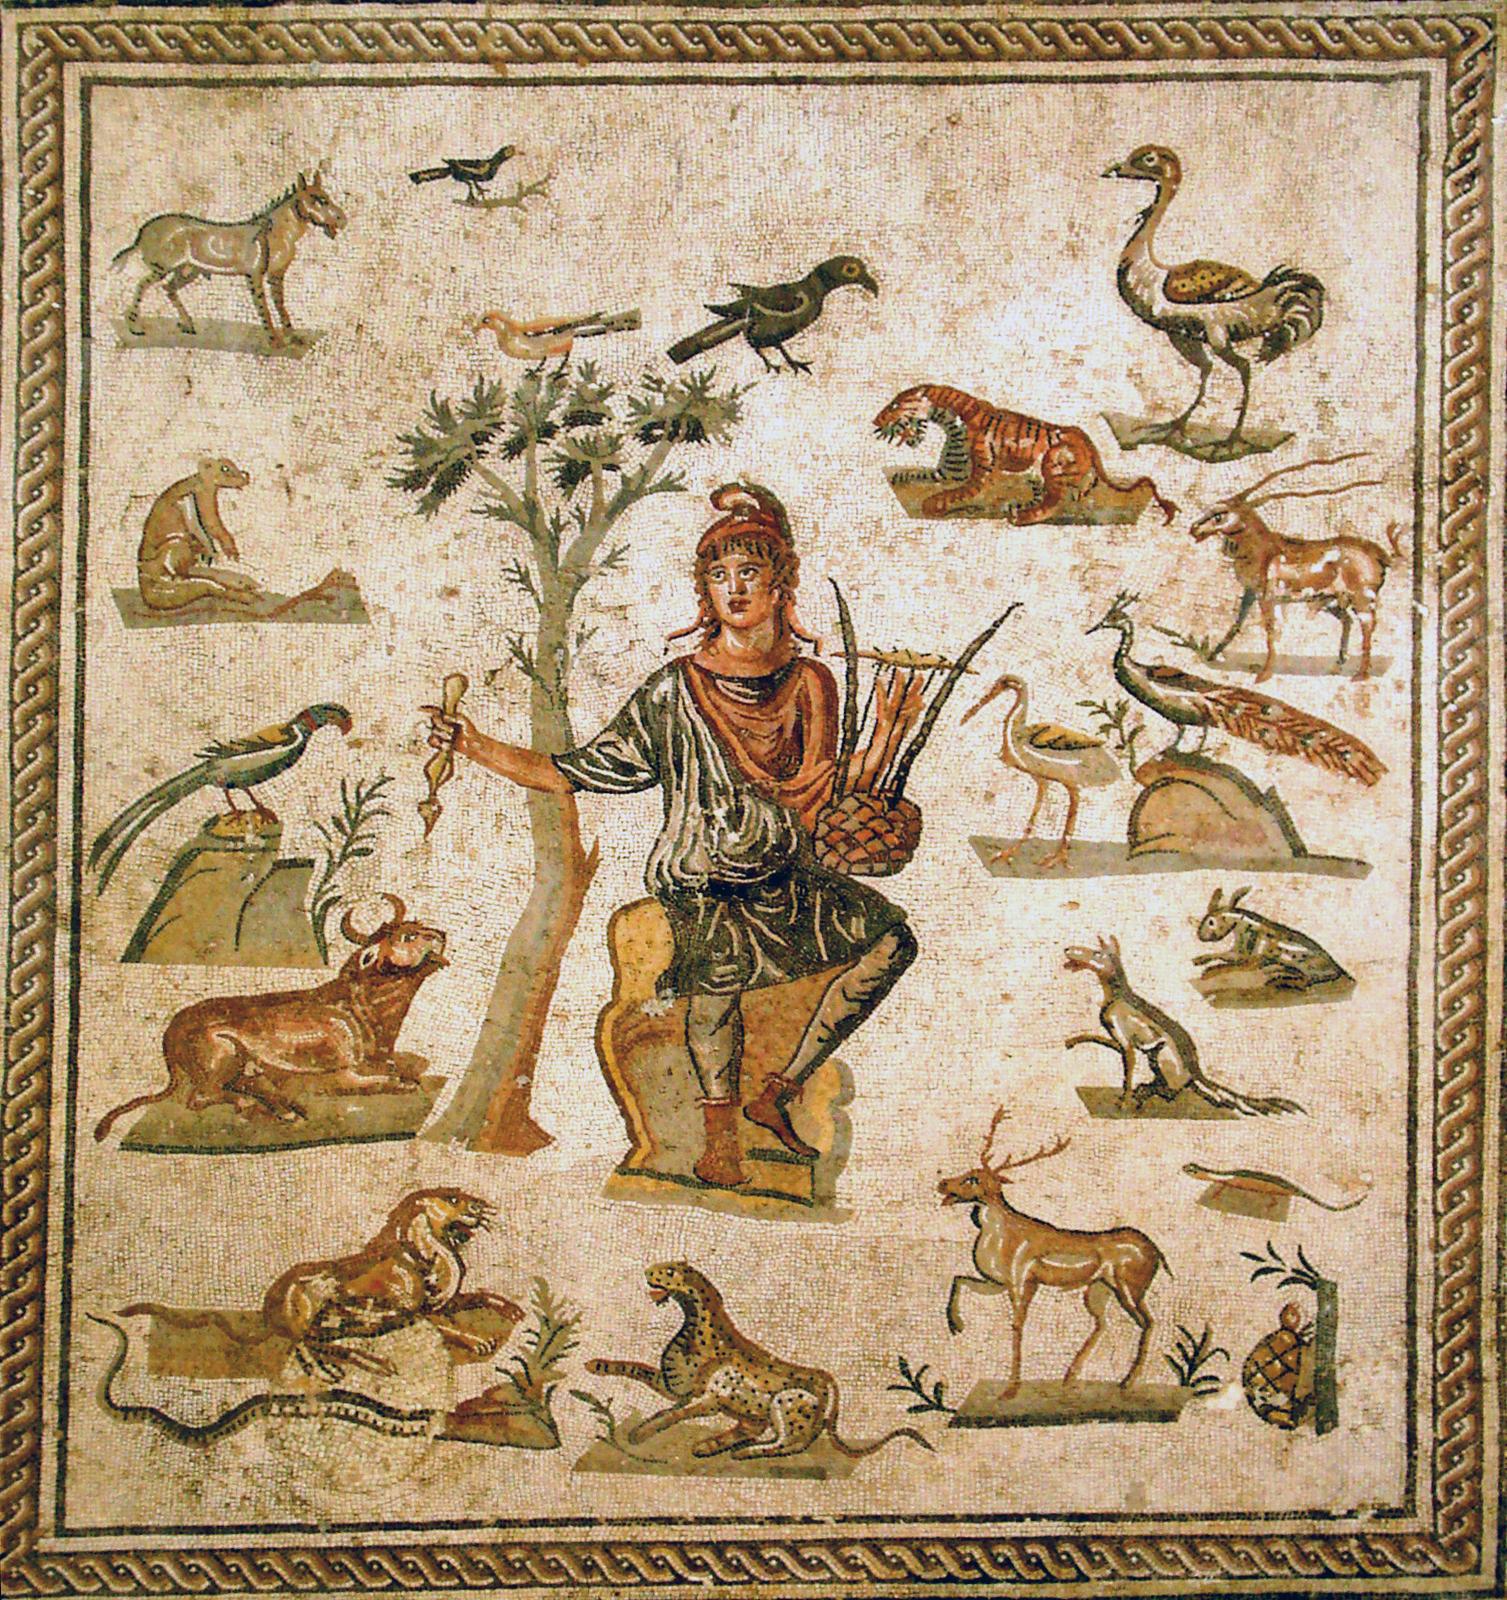 orpheus and eurydice story